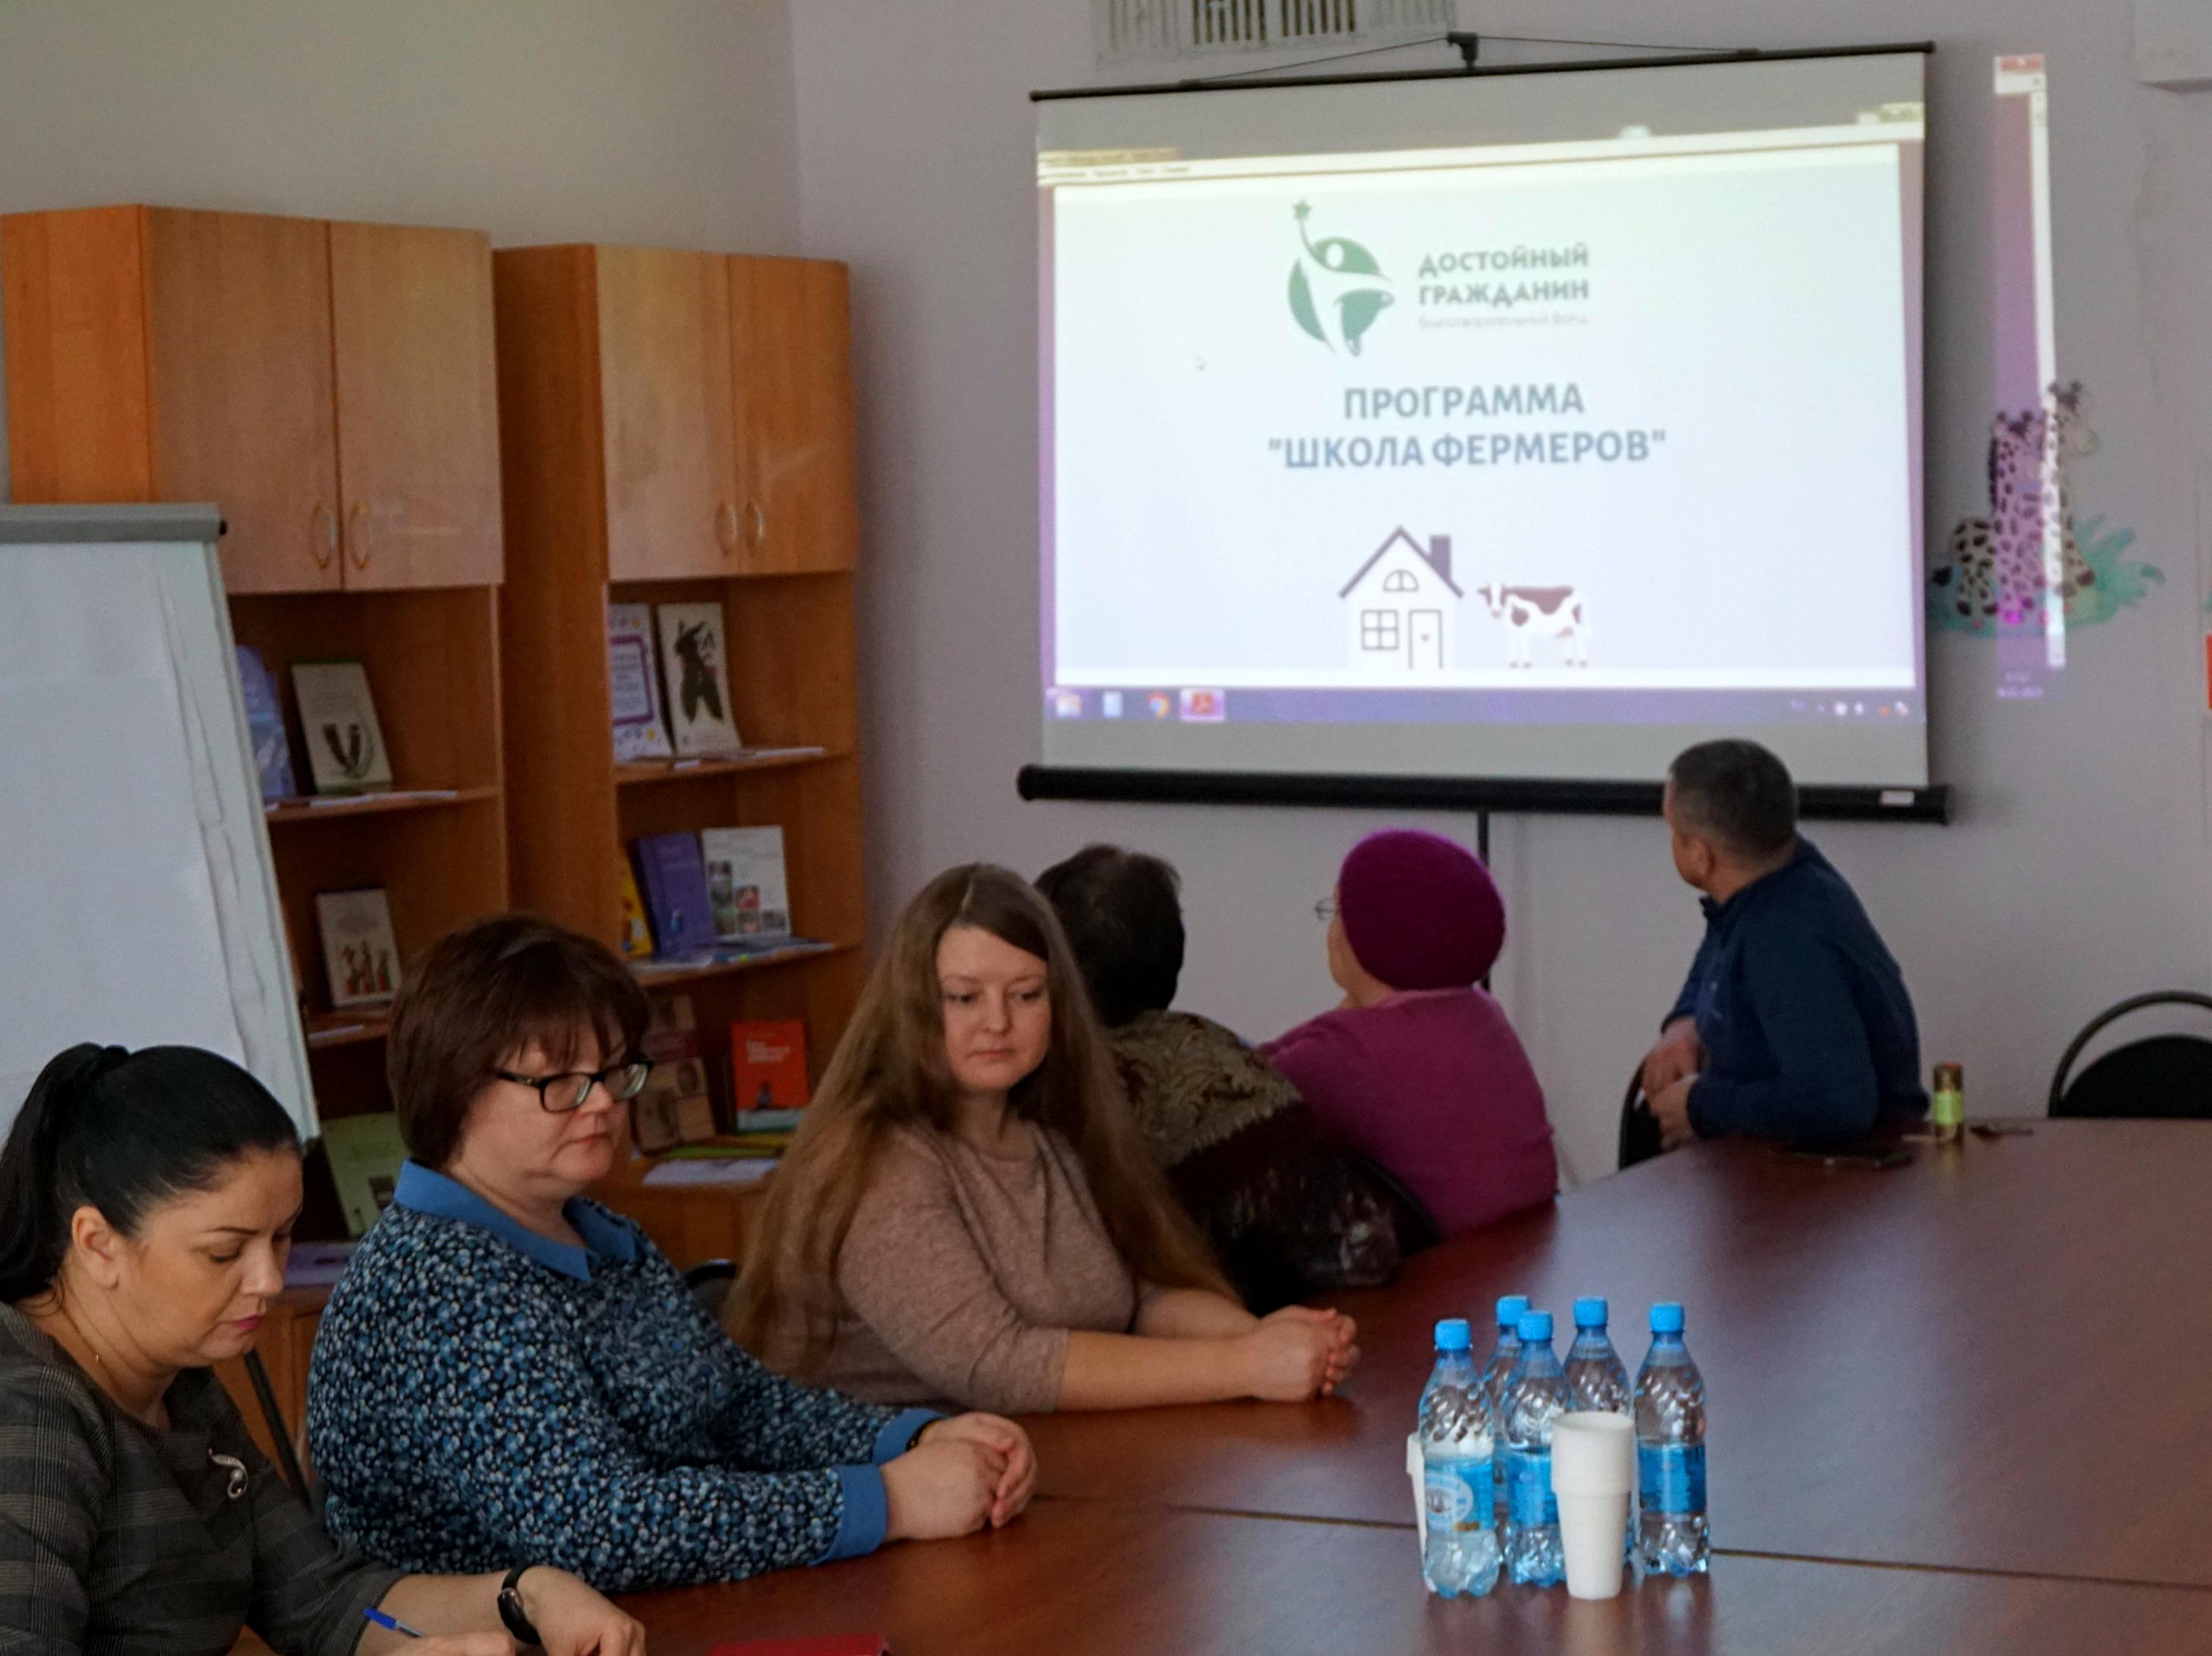 """Встреча """"Школы фермеров"""" в Торжке"""